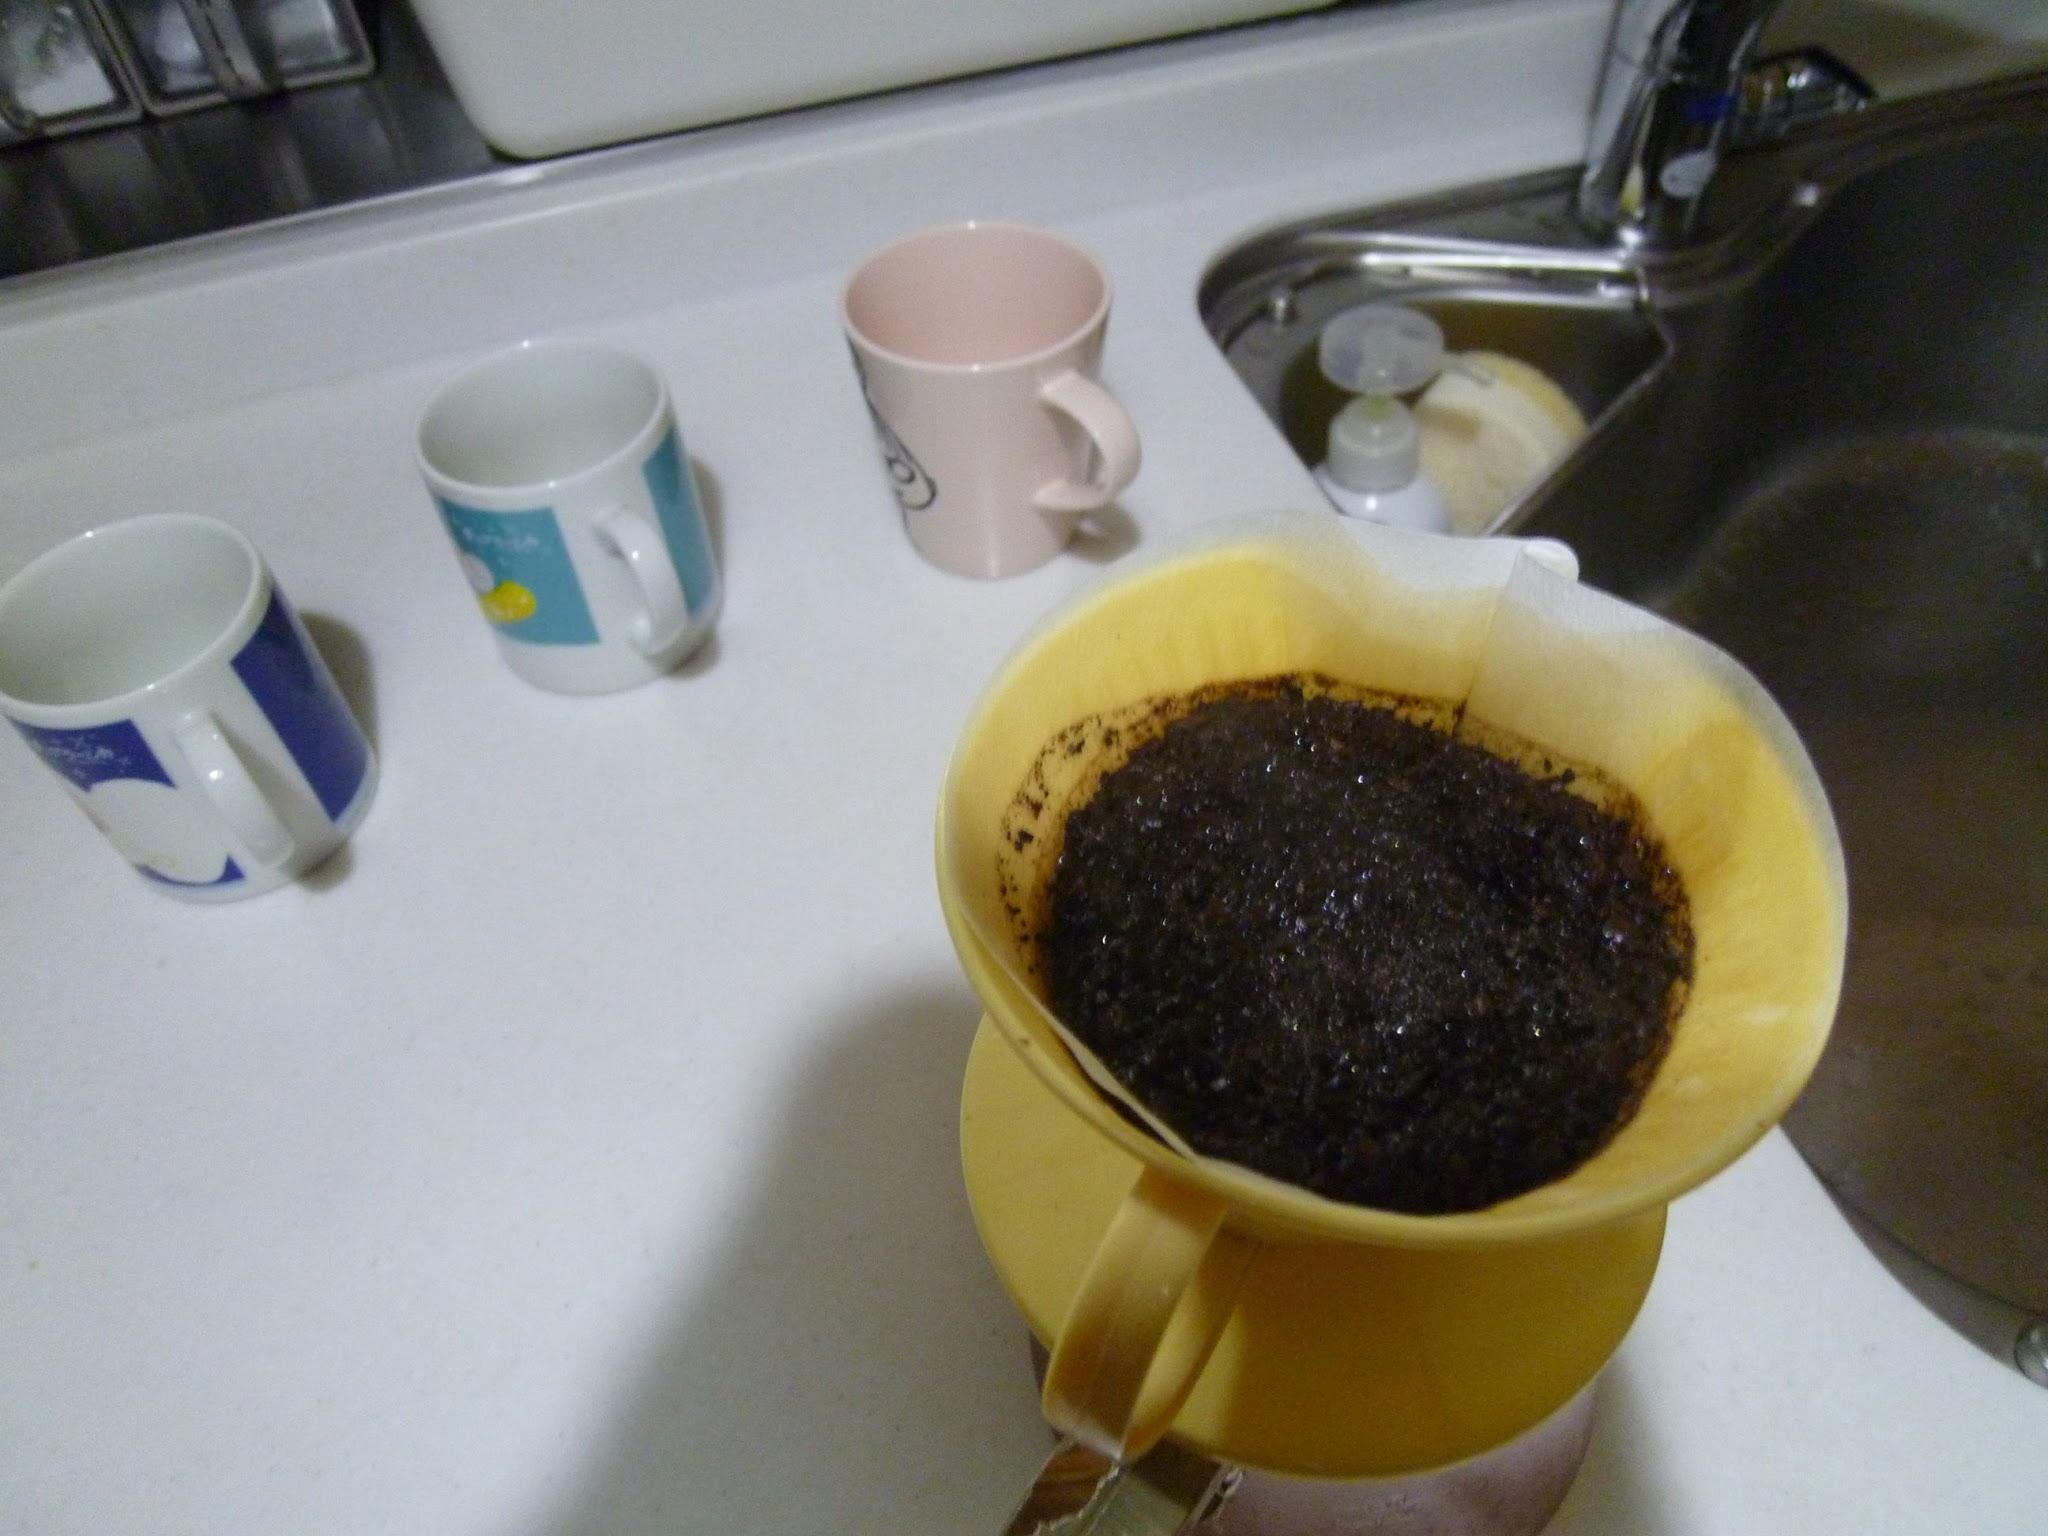 コーヒーの味わいについて。コーヒーは苦くない??